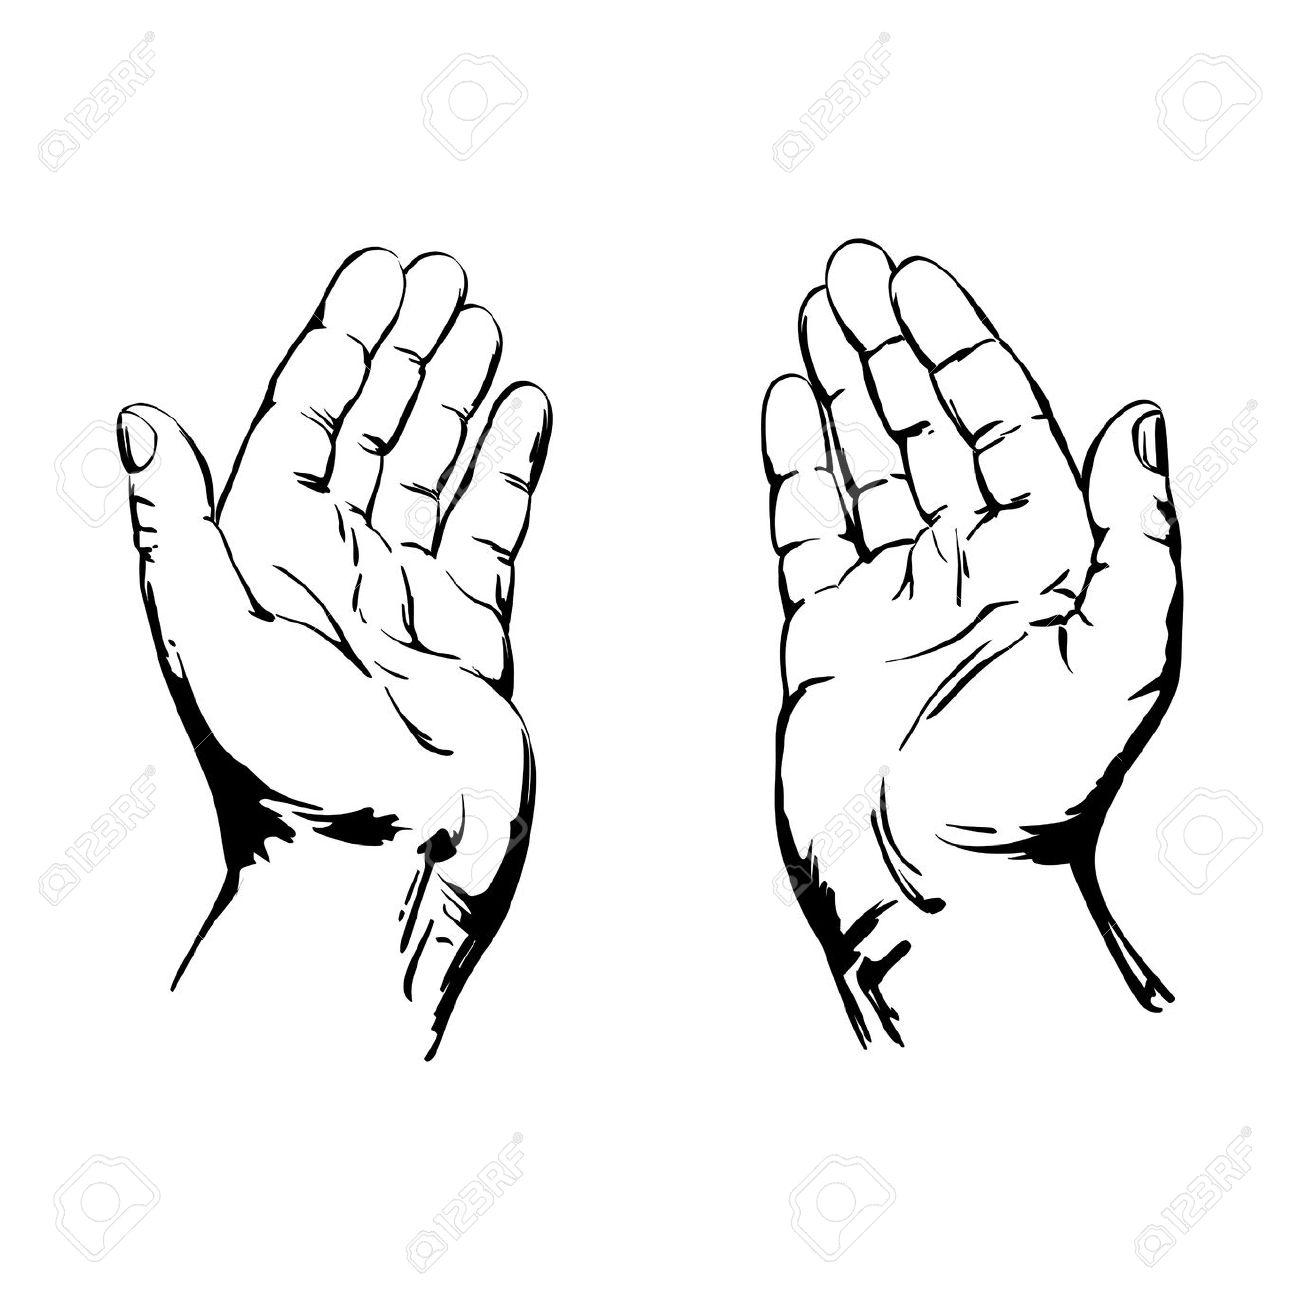 praying hands: Praying Hands .-praying hands: Praying Hands .-7